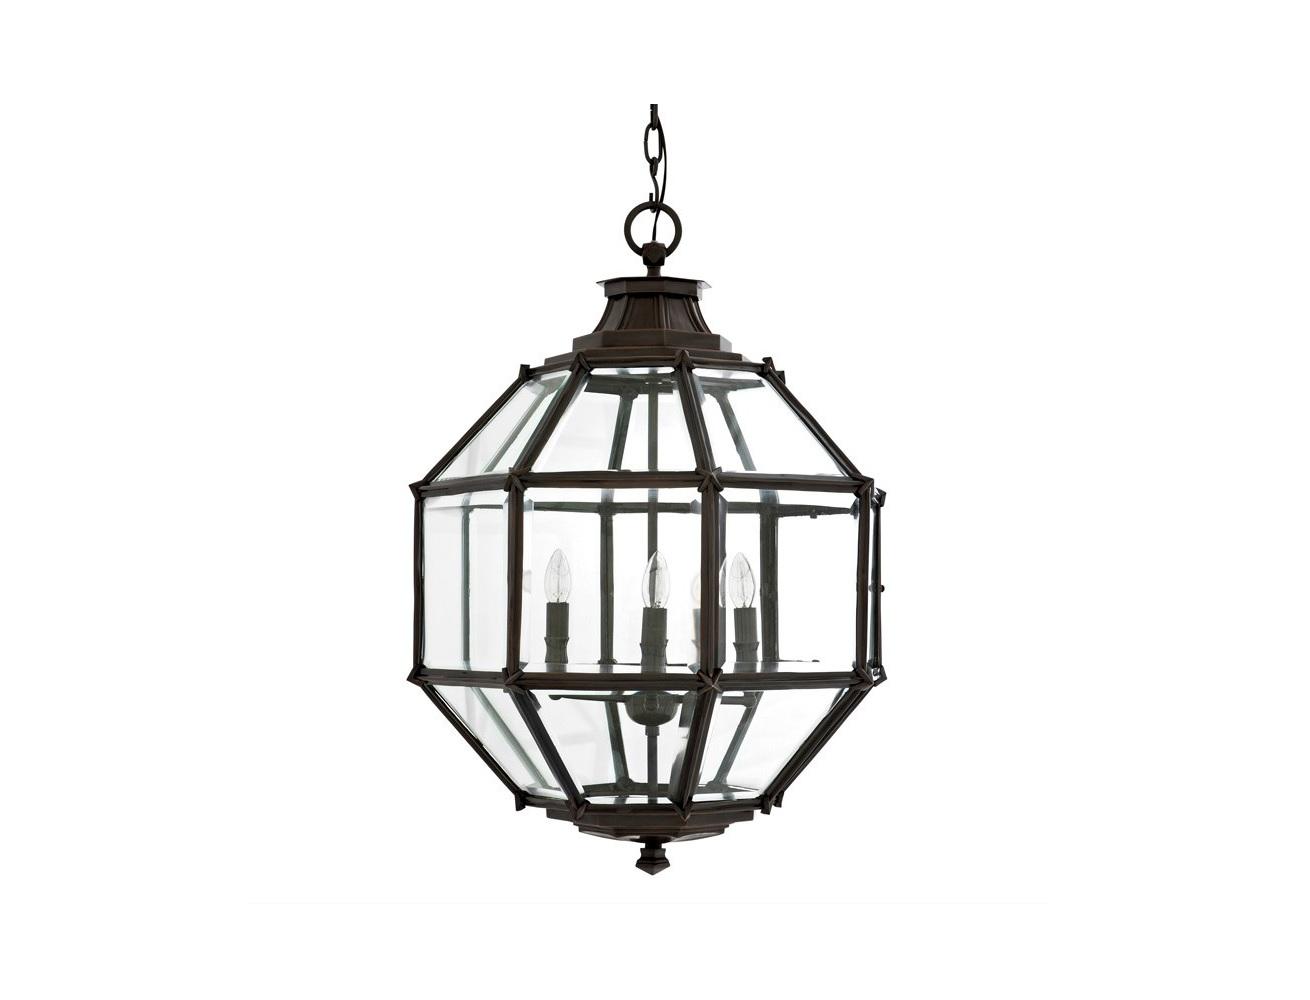 Подвесной светильник OwenПодвесные светильники<br>Подвесной светильник-латерна из коллекции Owen на металлической арматуре коричневого цвета. Плафон выполнен из прозрачного стекла. Высота светильника регулируется за счет звеньев цепи.&amp;lt;div&amp;gt;&amp;lt;br&amp;gt;&amp;lt;/div&amp;gt;&amp;lt;div&amp;gt;&amp;lt;br&amp;gt;&amp;lt;/div&amp;gt;&amp;lt;div&amp;gt;&amp;lt;div&amp;gt;Вид цоколя: E14&amp;lt;/div&amp;gt;&amp;lt;div&amp;gt;Мощность лампы: 40W&amp;lt;/div&amp;gt;&amp;lt;div&amp;gt;Количество ламп: 4&amp;lt;/div&amp;gt;&amp;lt;/div&amp;gt;<br><br>Material: Металл<br>Width см: 60<br>Depth см: 60<br>Height см: 83